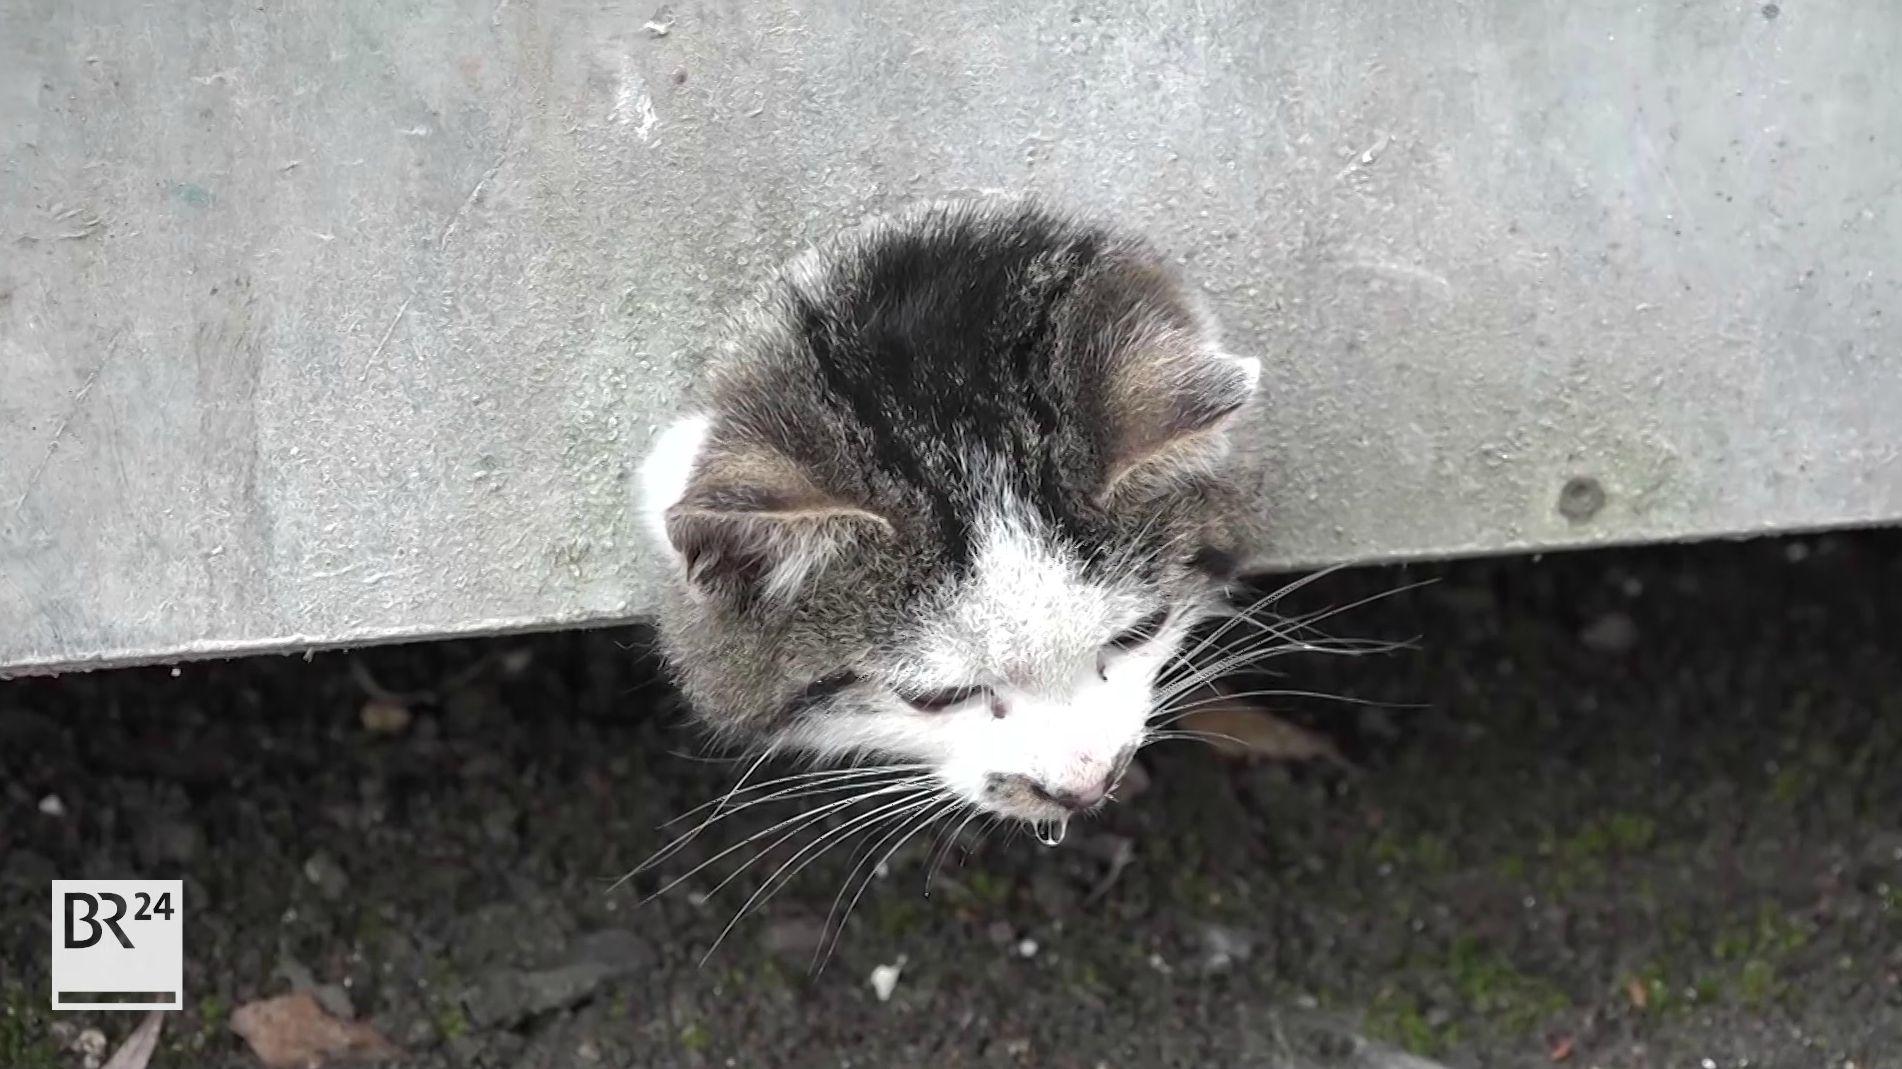 Katze steckt in Abfluss eines Abfallcontainers fest